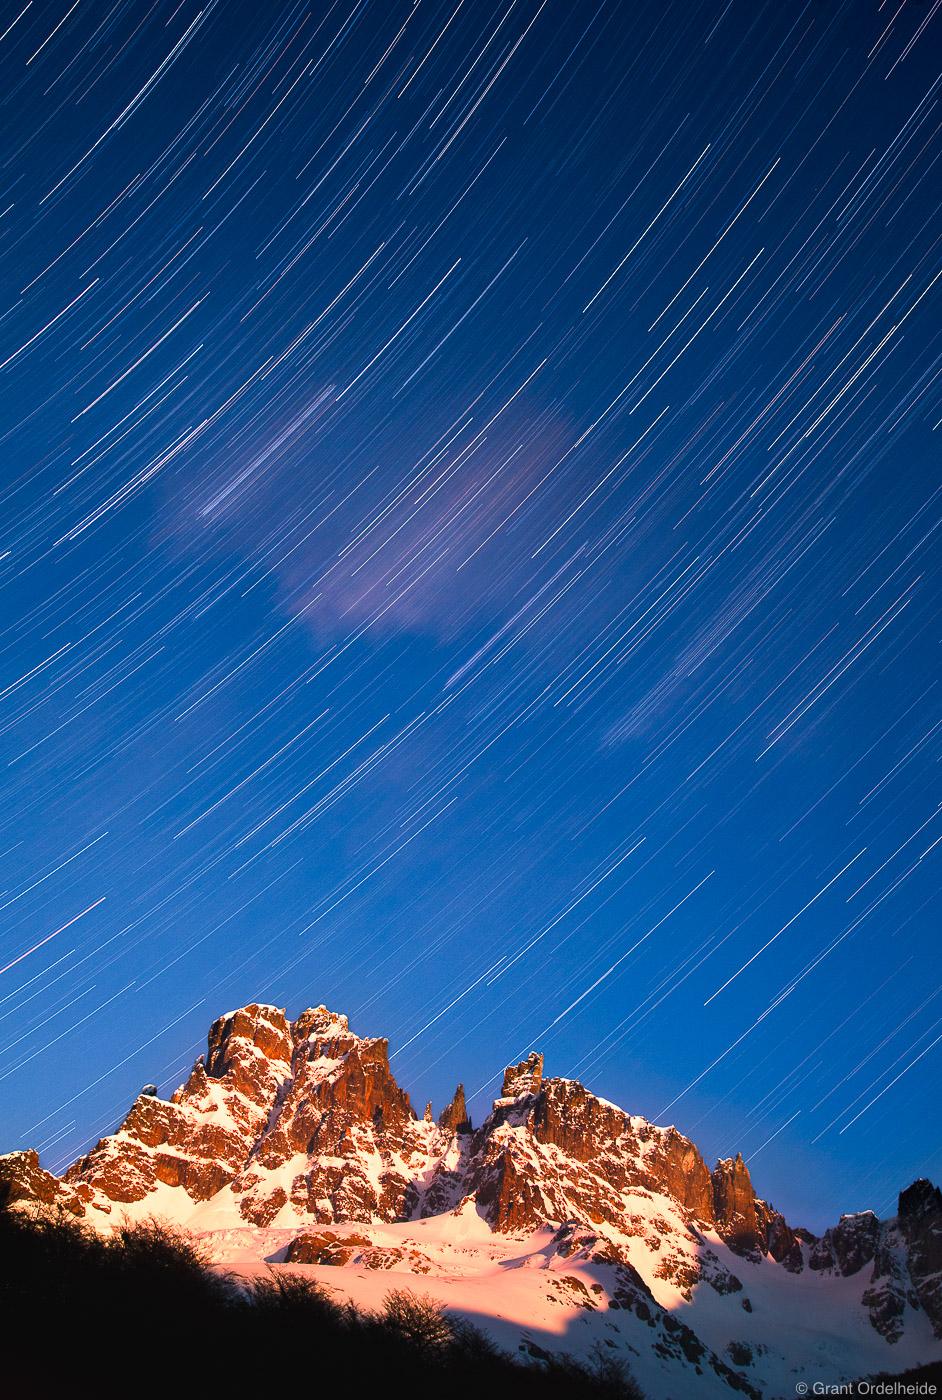 Star trails above Cerro Castillo, the tallest peak in the Cerro Castillo National Reserve.